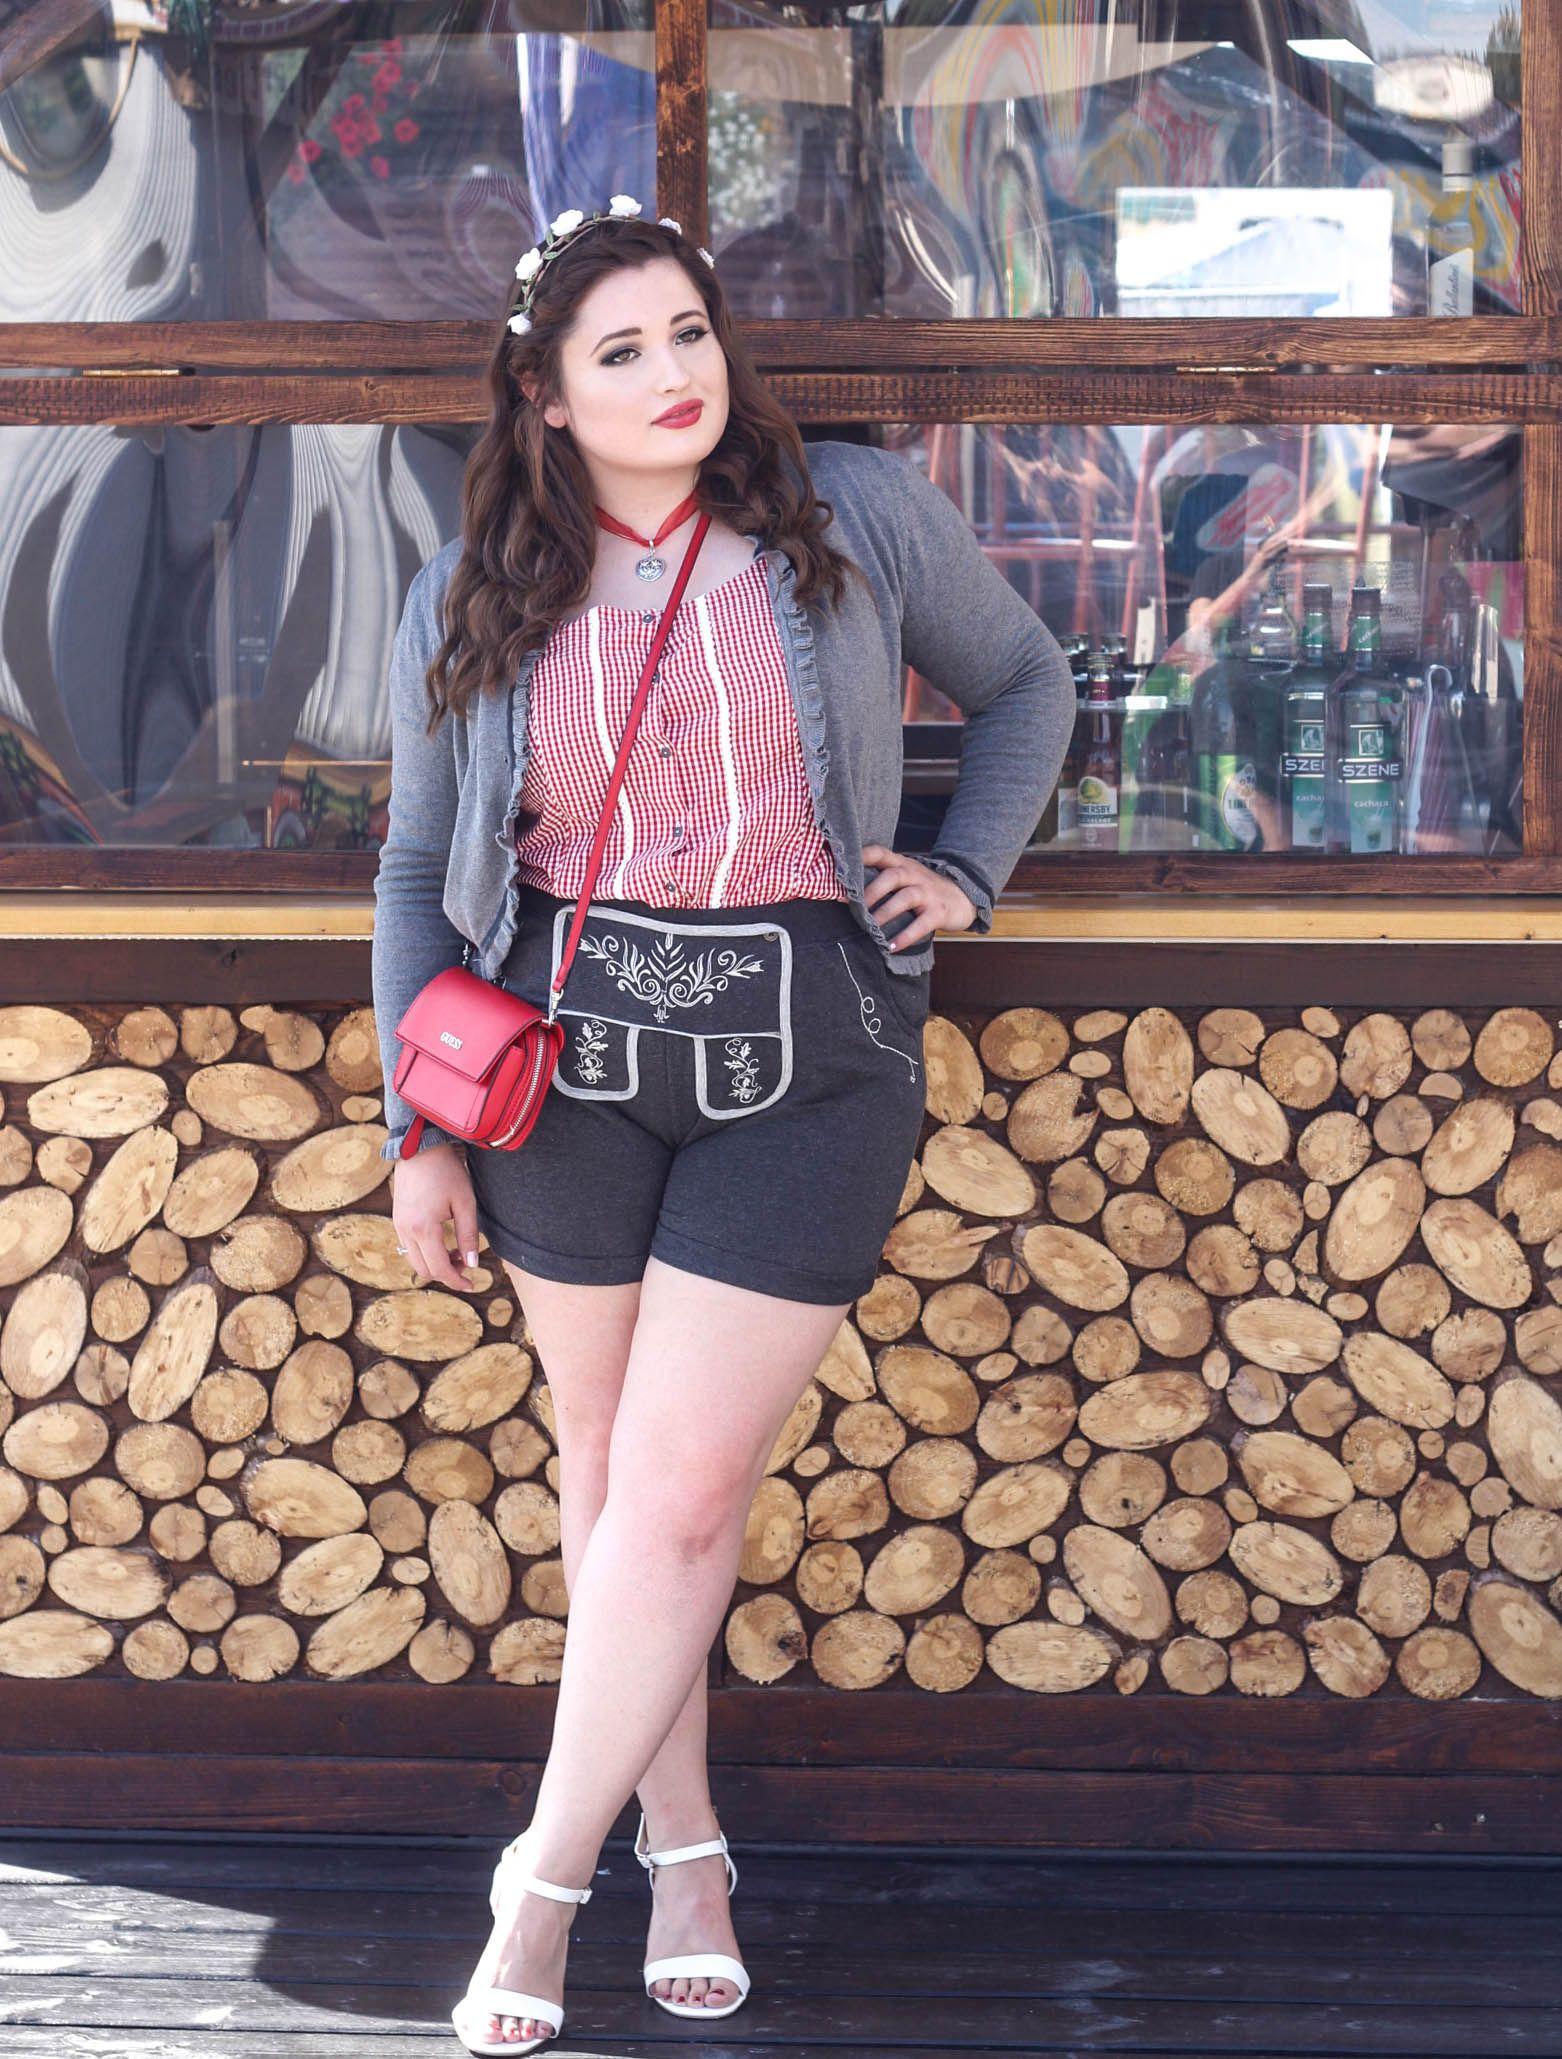 2df9d7fa0c4afc Junge kurvige Frau vor einer Holzhütte im Oktoberfest Outfit. Plus Size  Lederhosen Look.